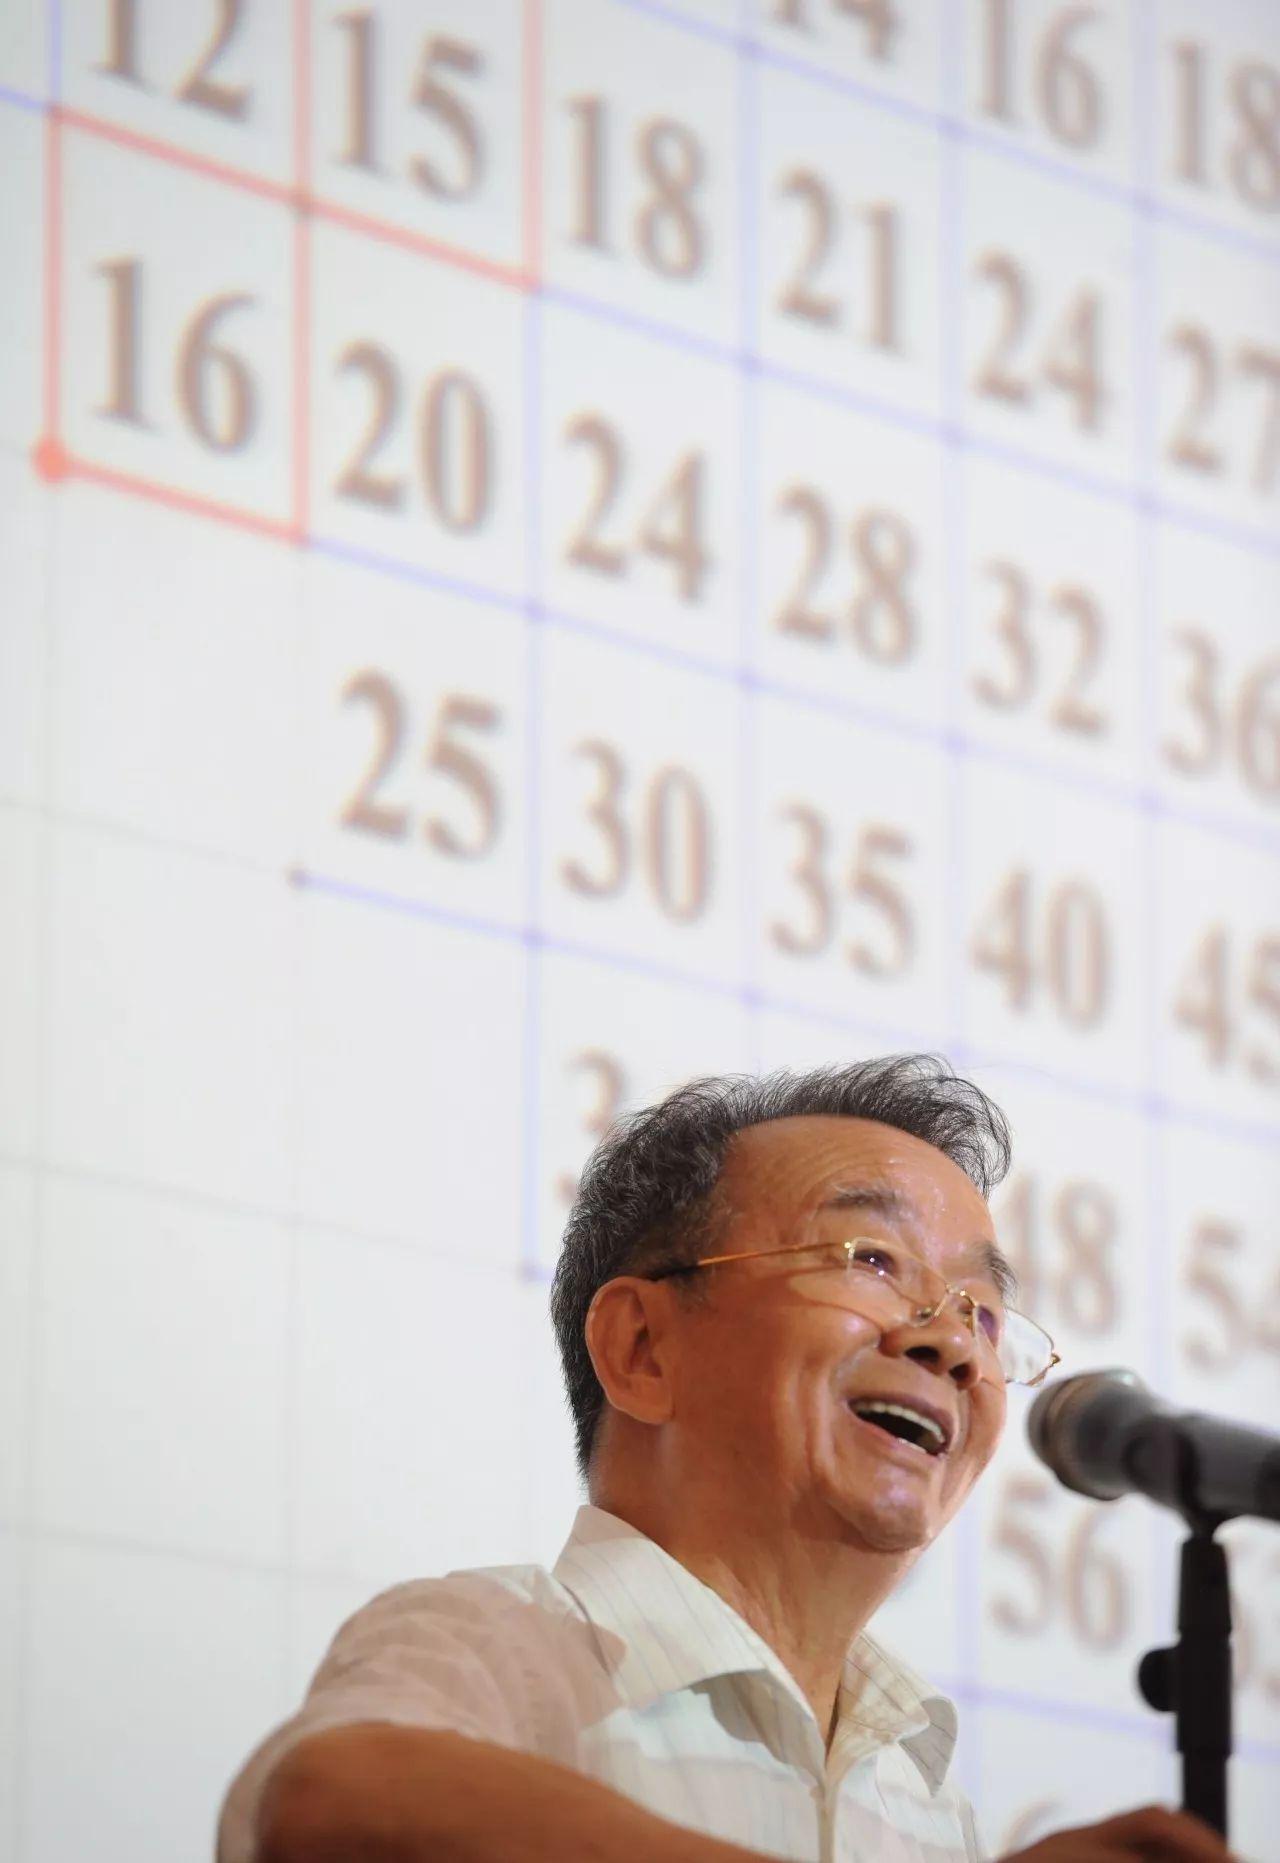 中国科学院院士张景中:我想让数学变容易